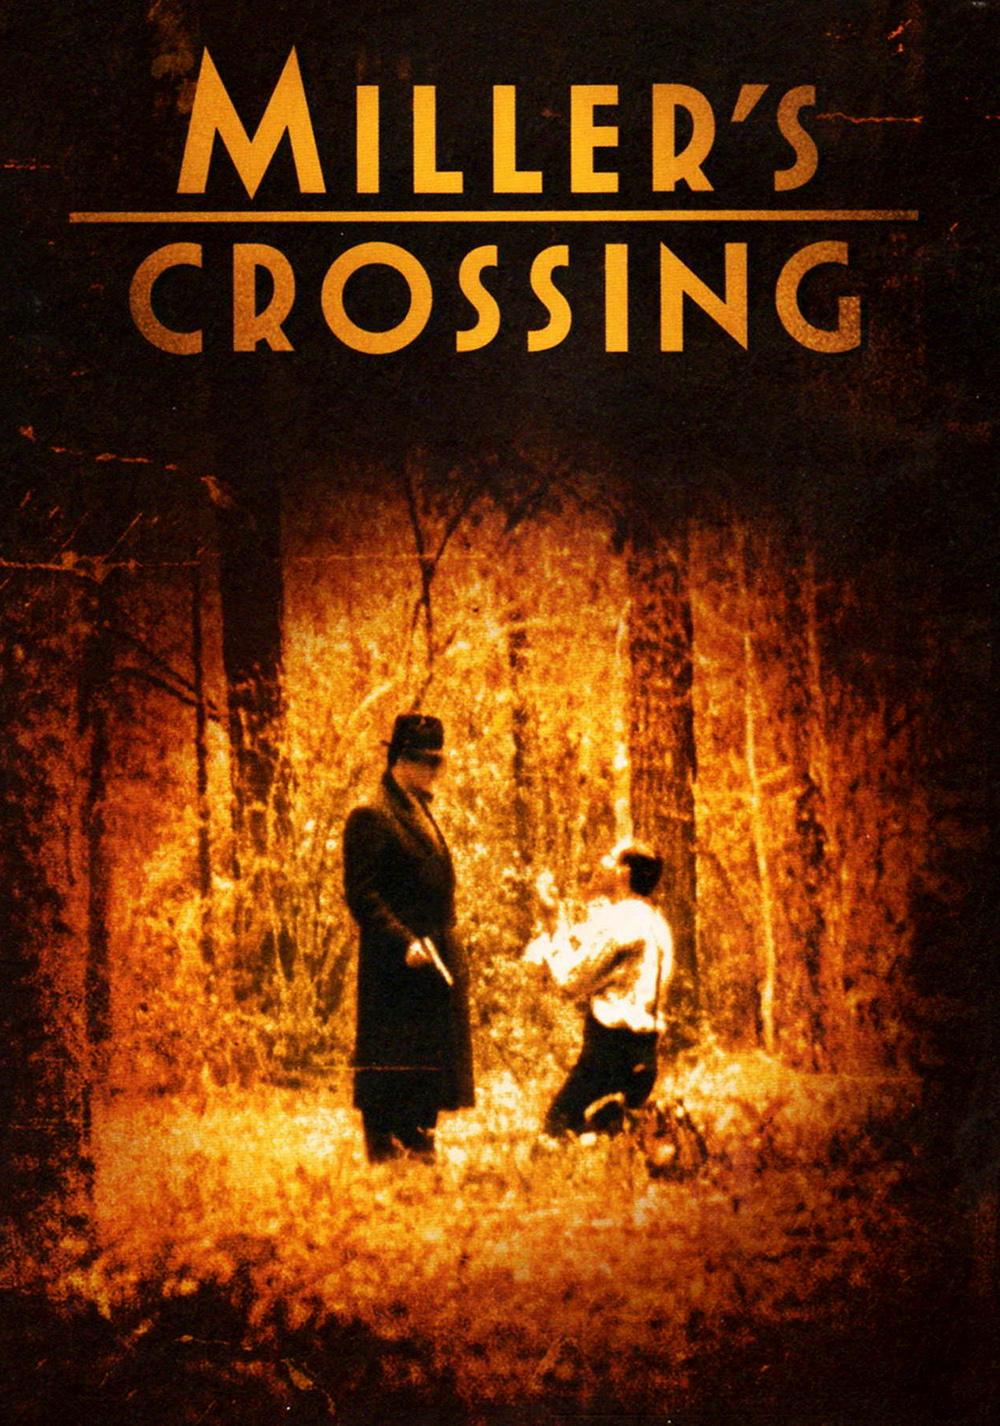 Miller's Crossing | Movie fanart | fanart.tv